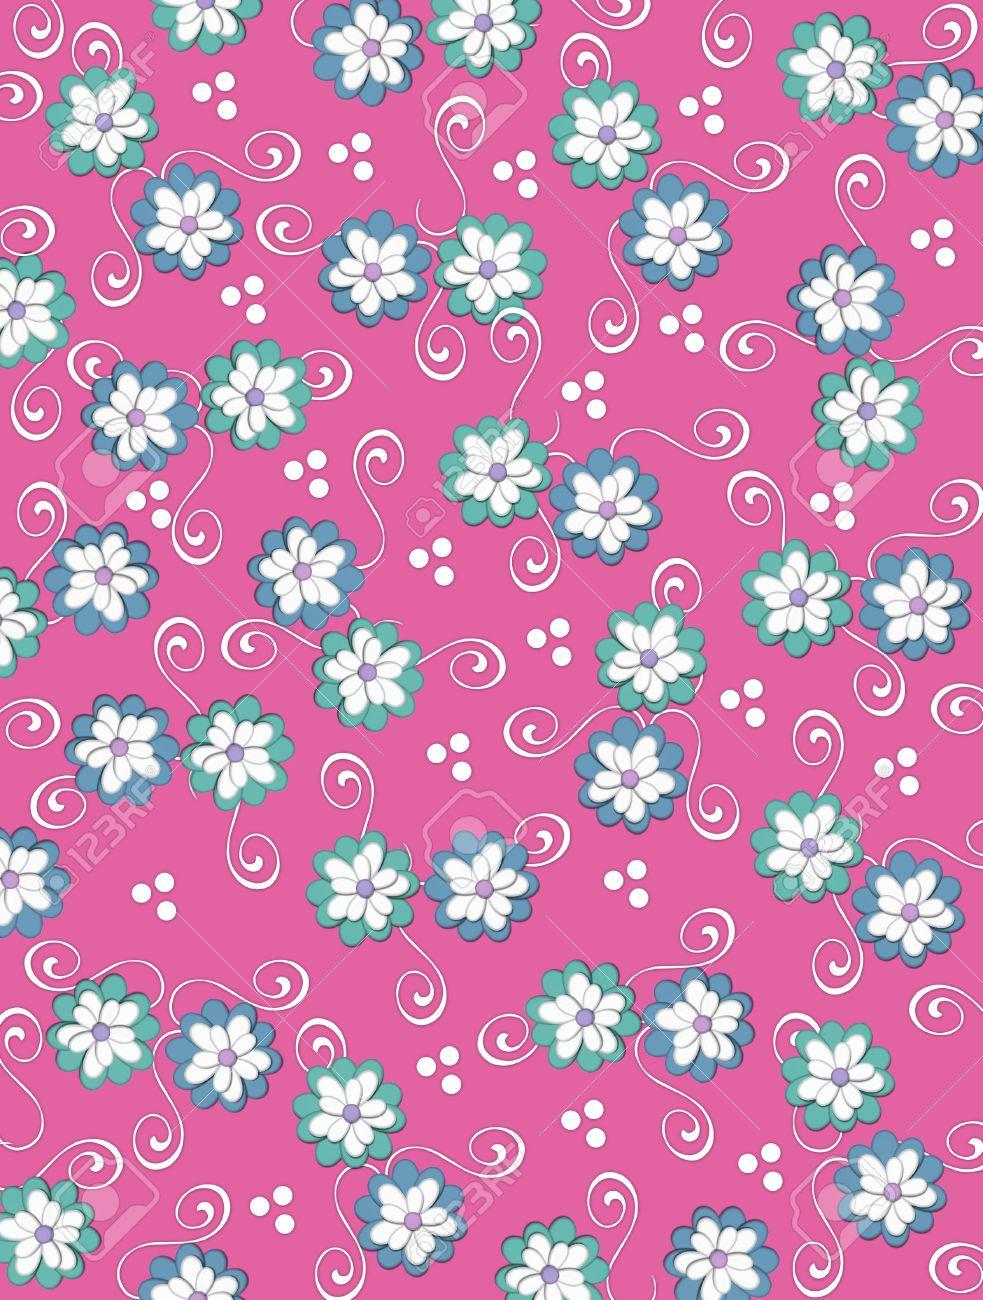 Immagini Stock Profondo Sfondo Rosa è Decorata Con Riccioli